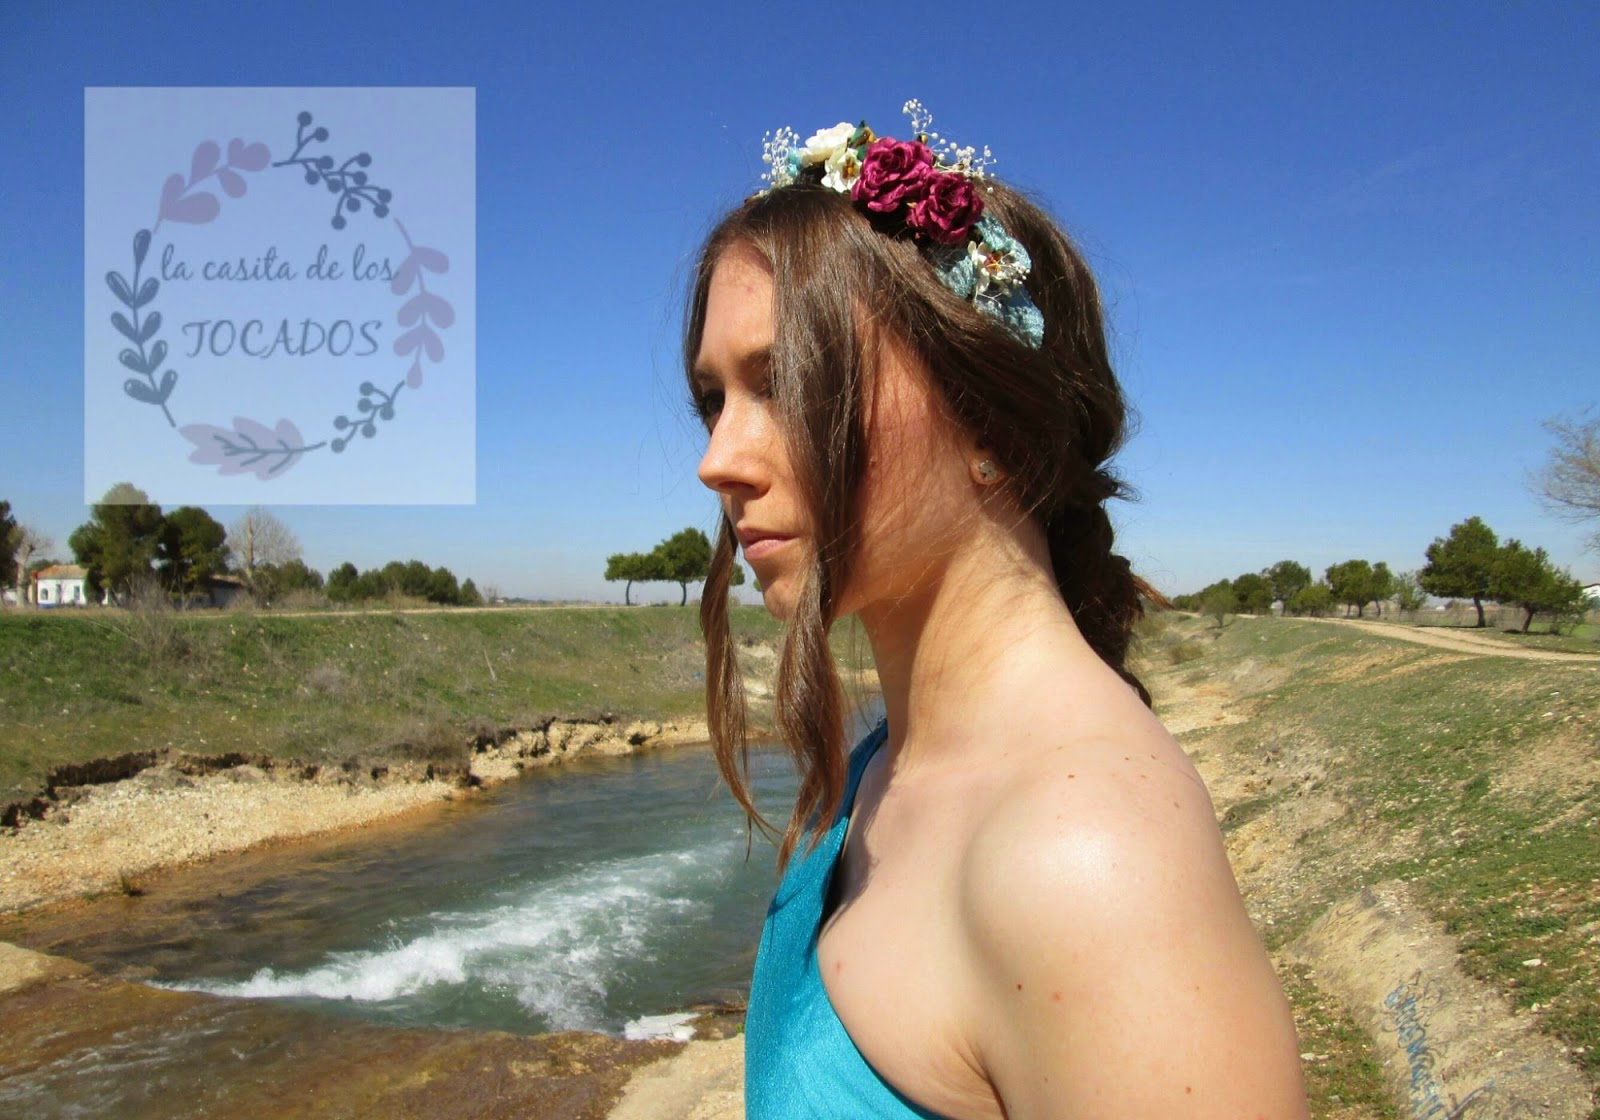 Diadema con flores y hojas Ática, multicolor, a juego con vestido color turquesa.